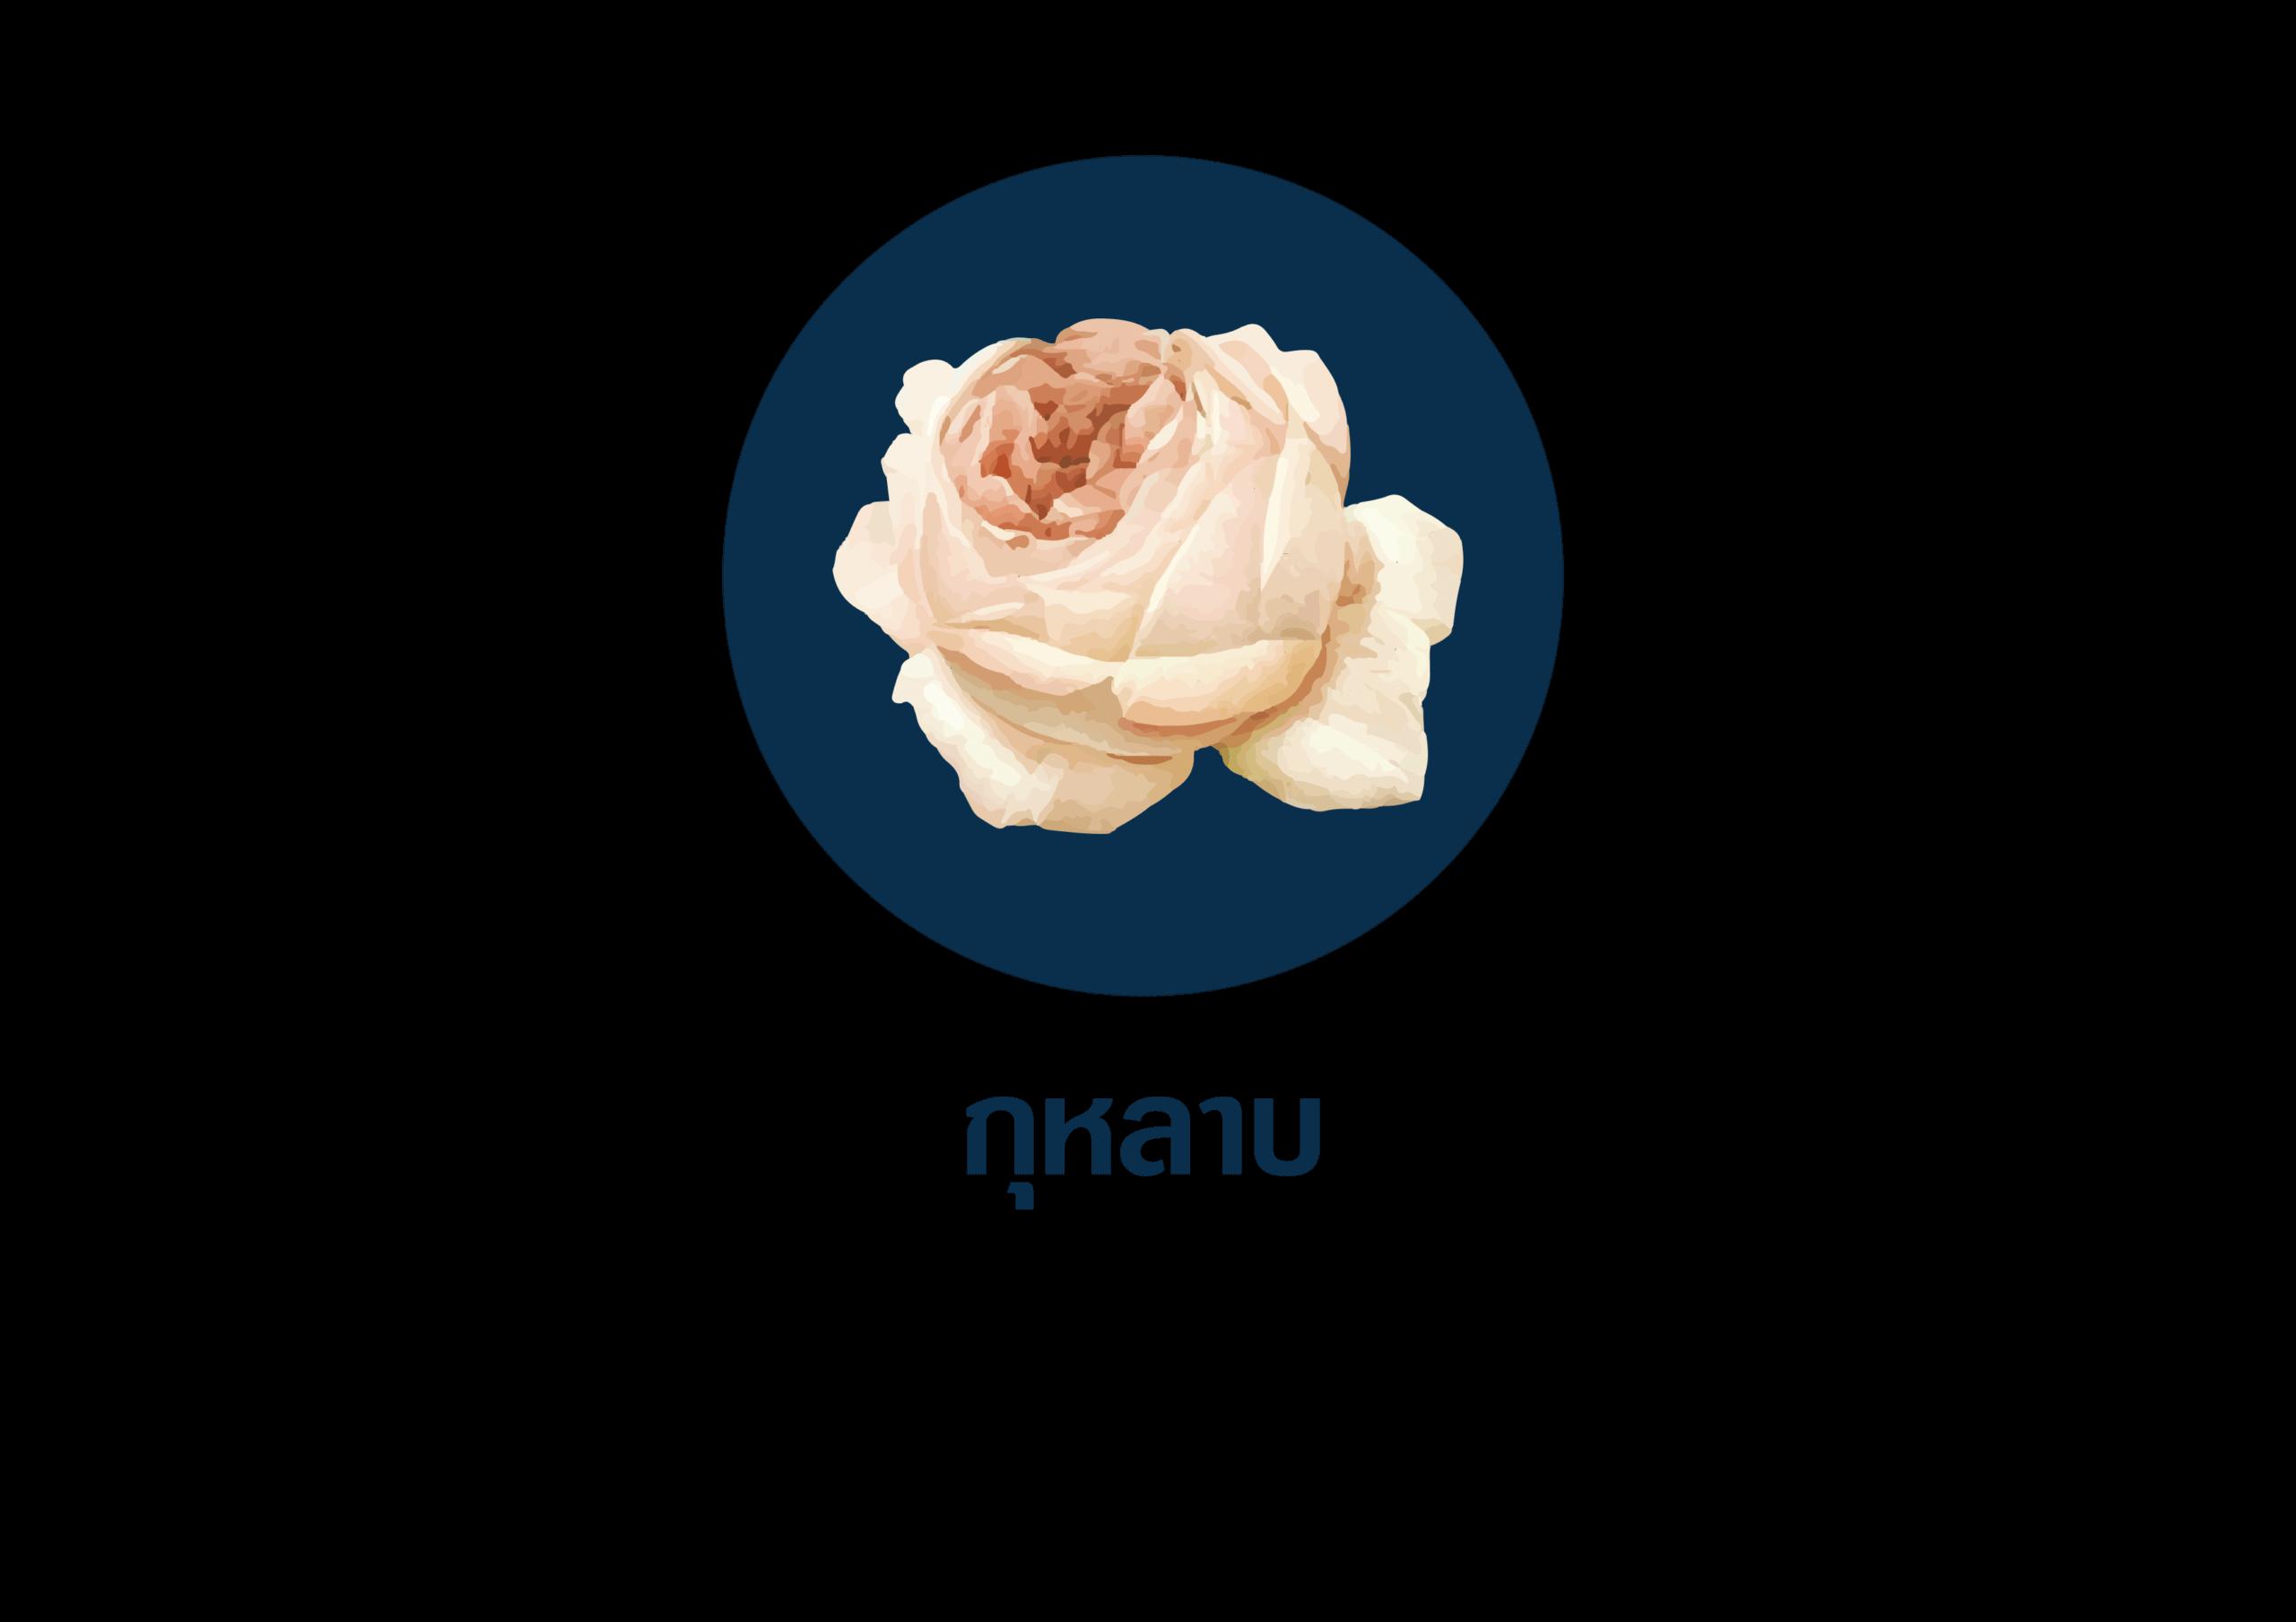 ดอกไม้ที่ใช้สำหรับจัดงานศพ 6